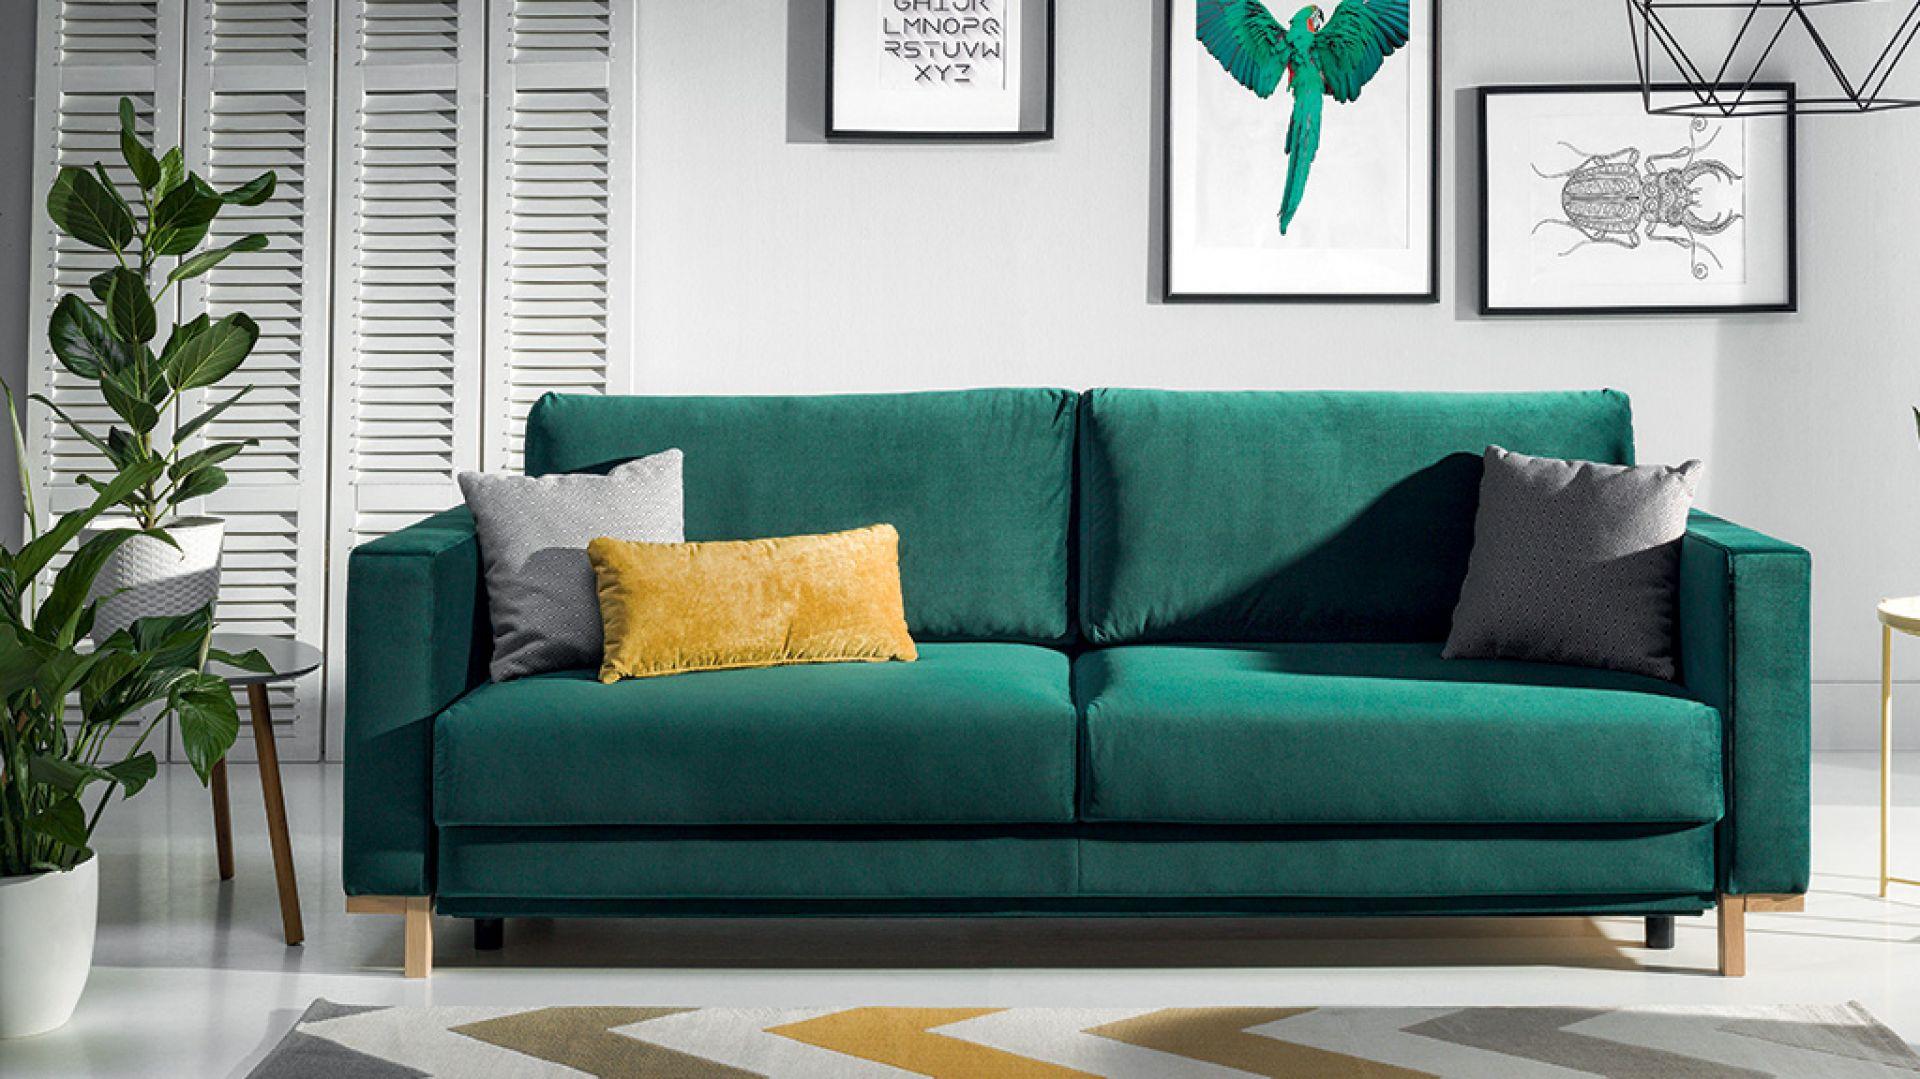 Sofa Modo dostępna w ofercie firmy Wajnert Meble. Fot. wajnert Meble